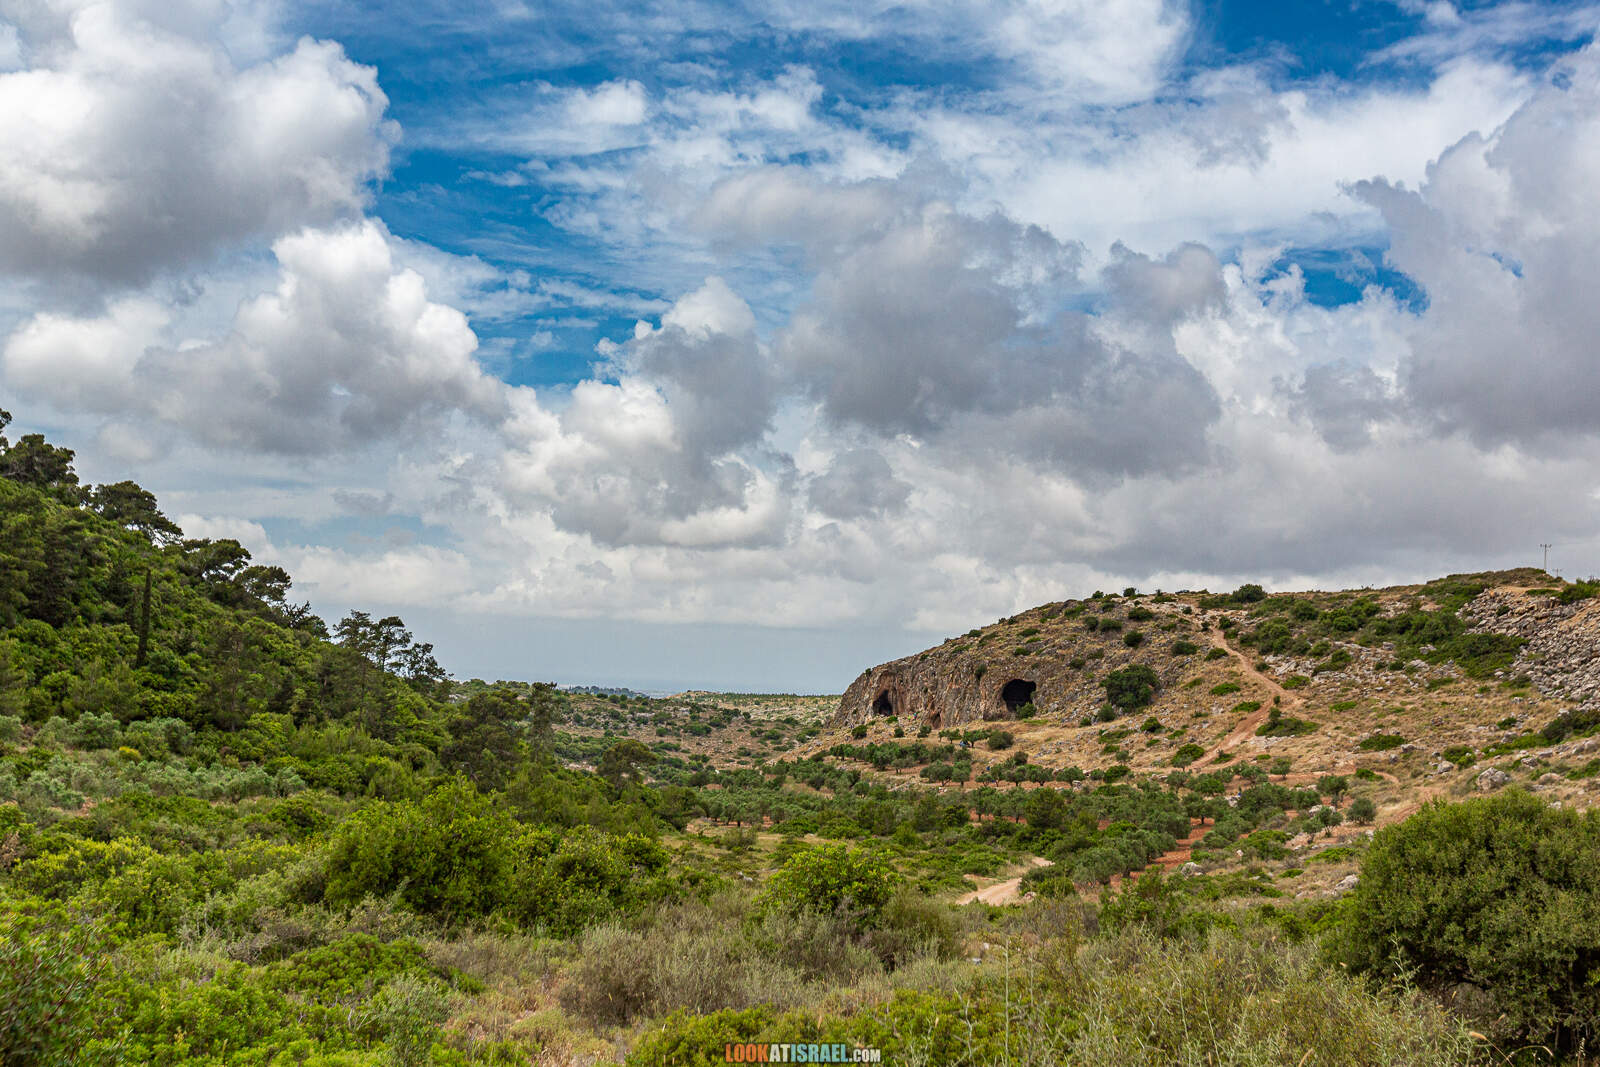 Путешествие по Галилее. Гора Гамаль (верблюд), Гора Бетах, голубиная пещера, Таршиха и кемпинг в парке Горен